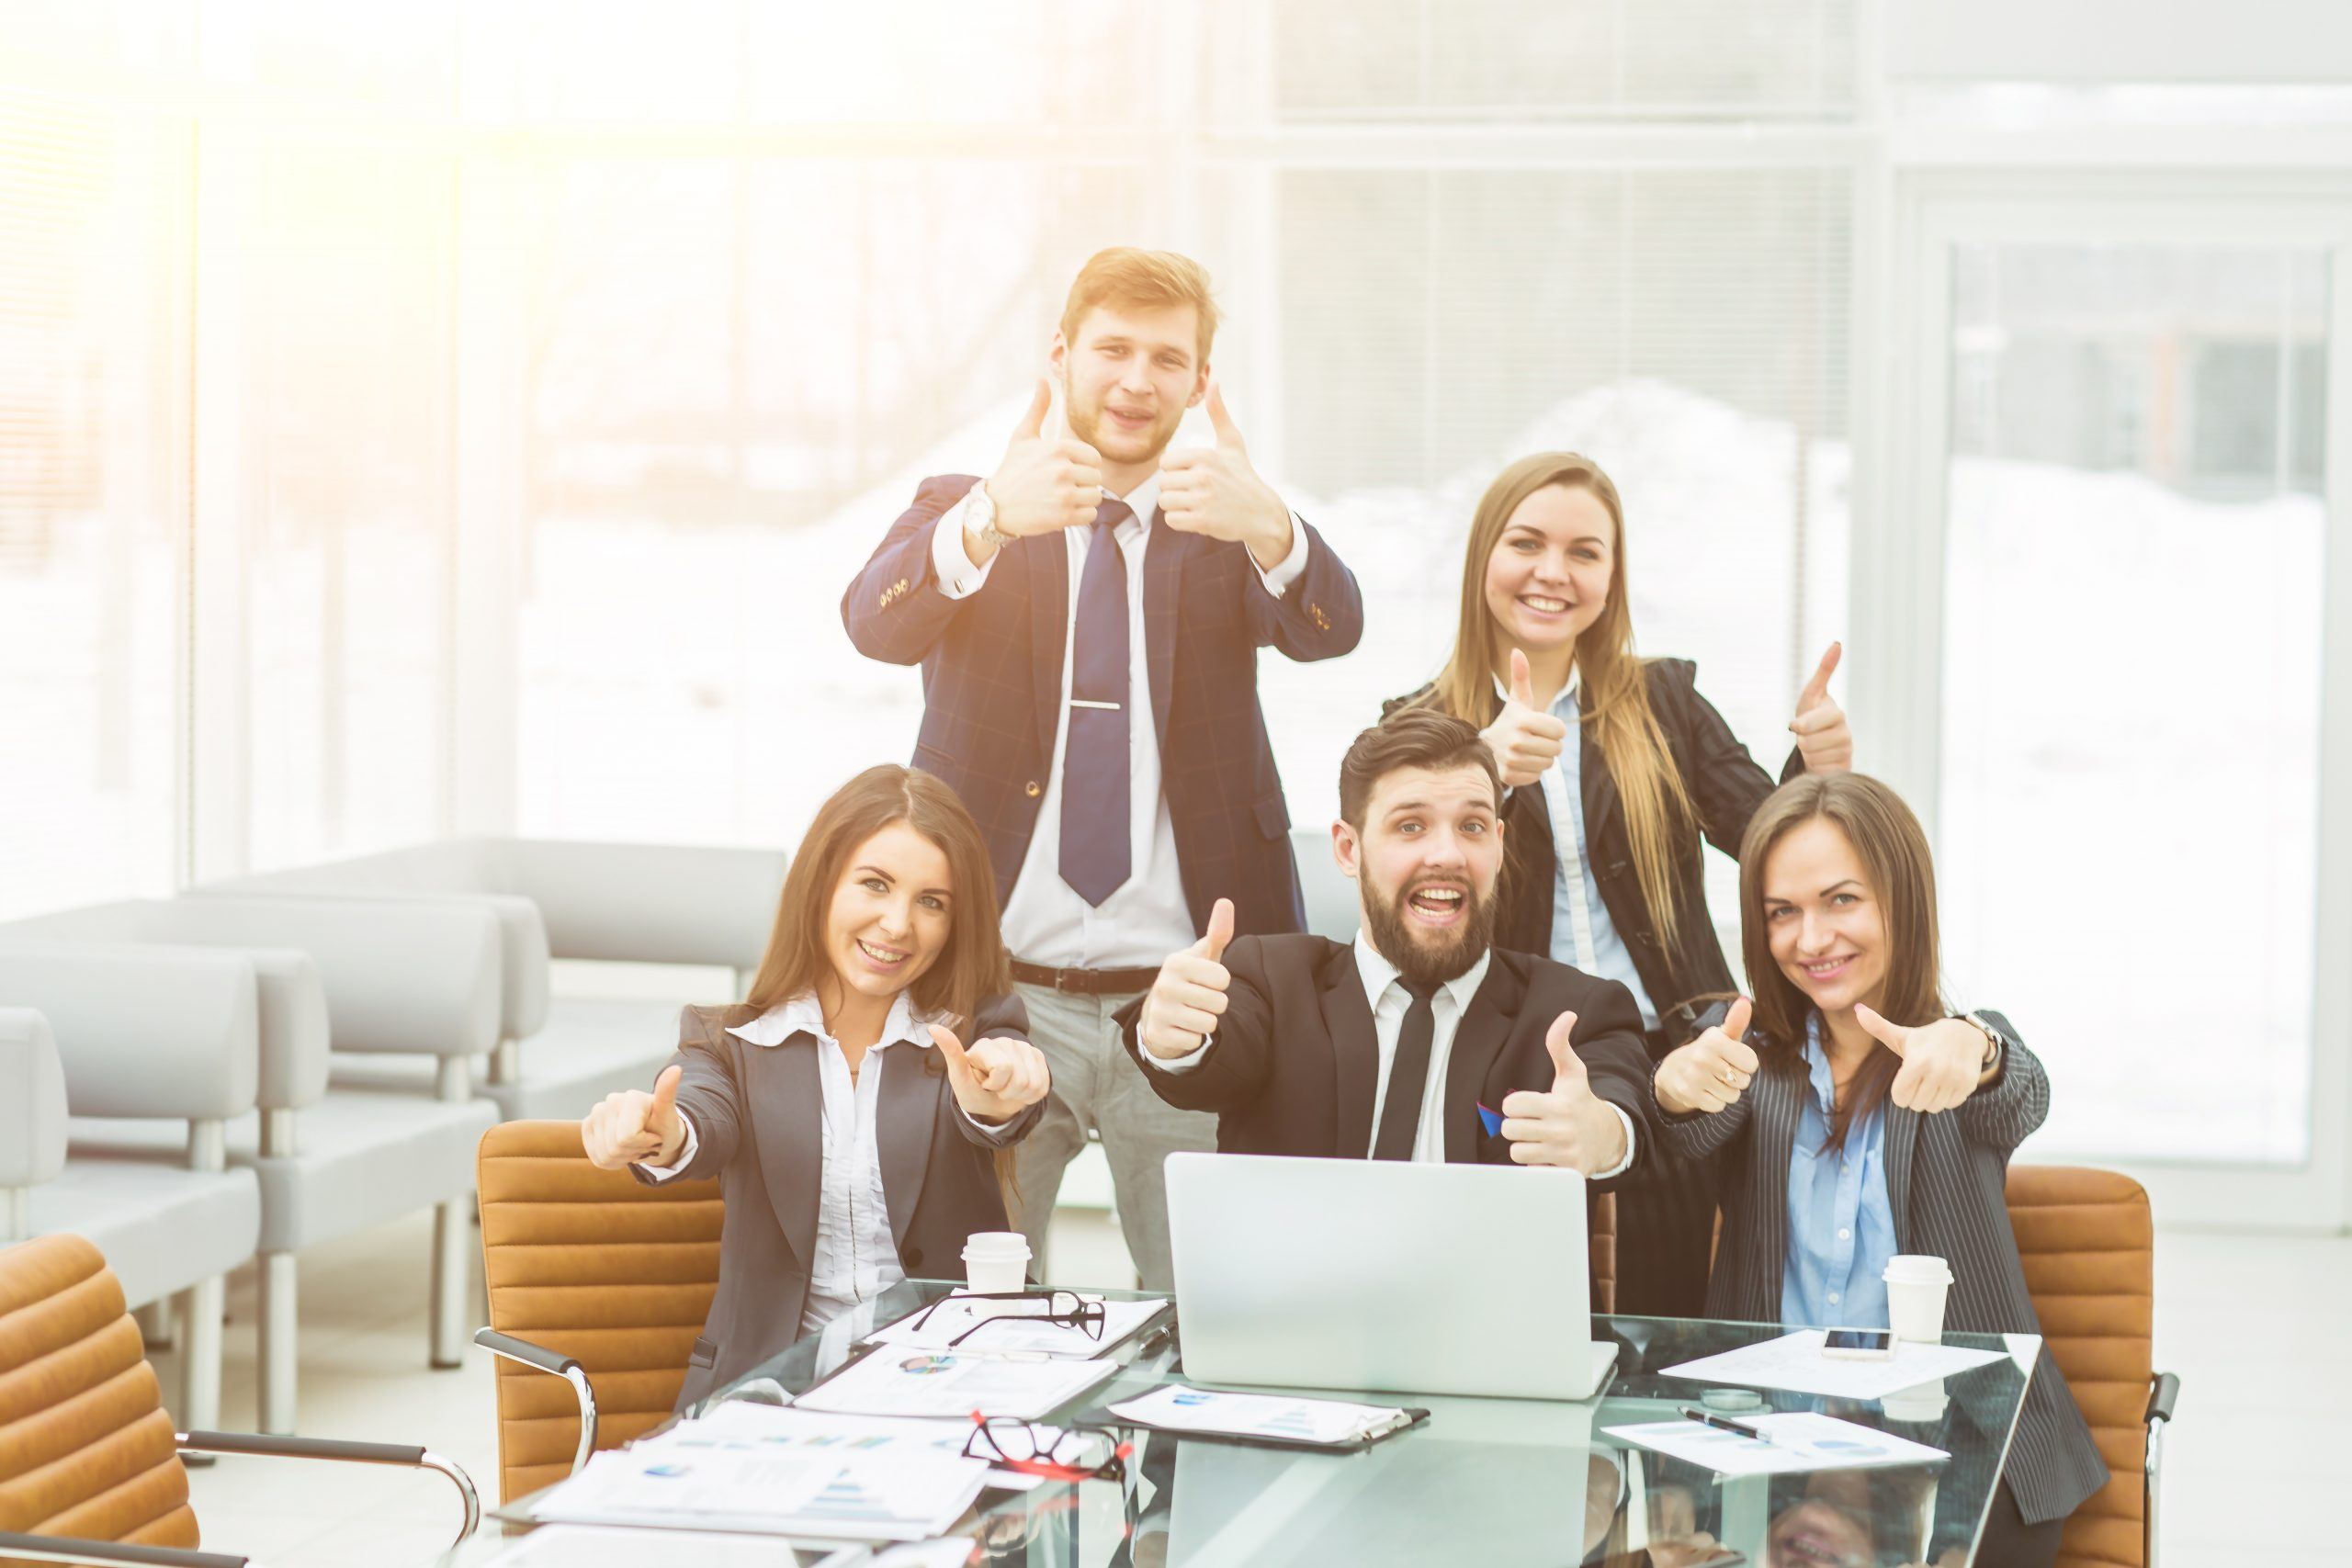 Begeisterte Kunden zeigen Daumen hoch